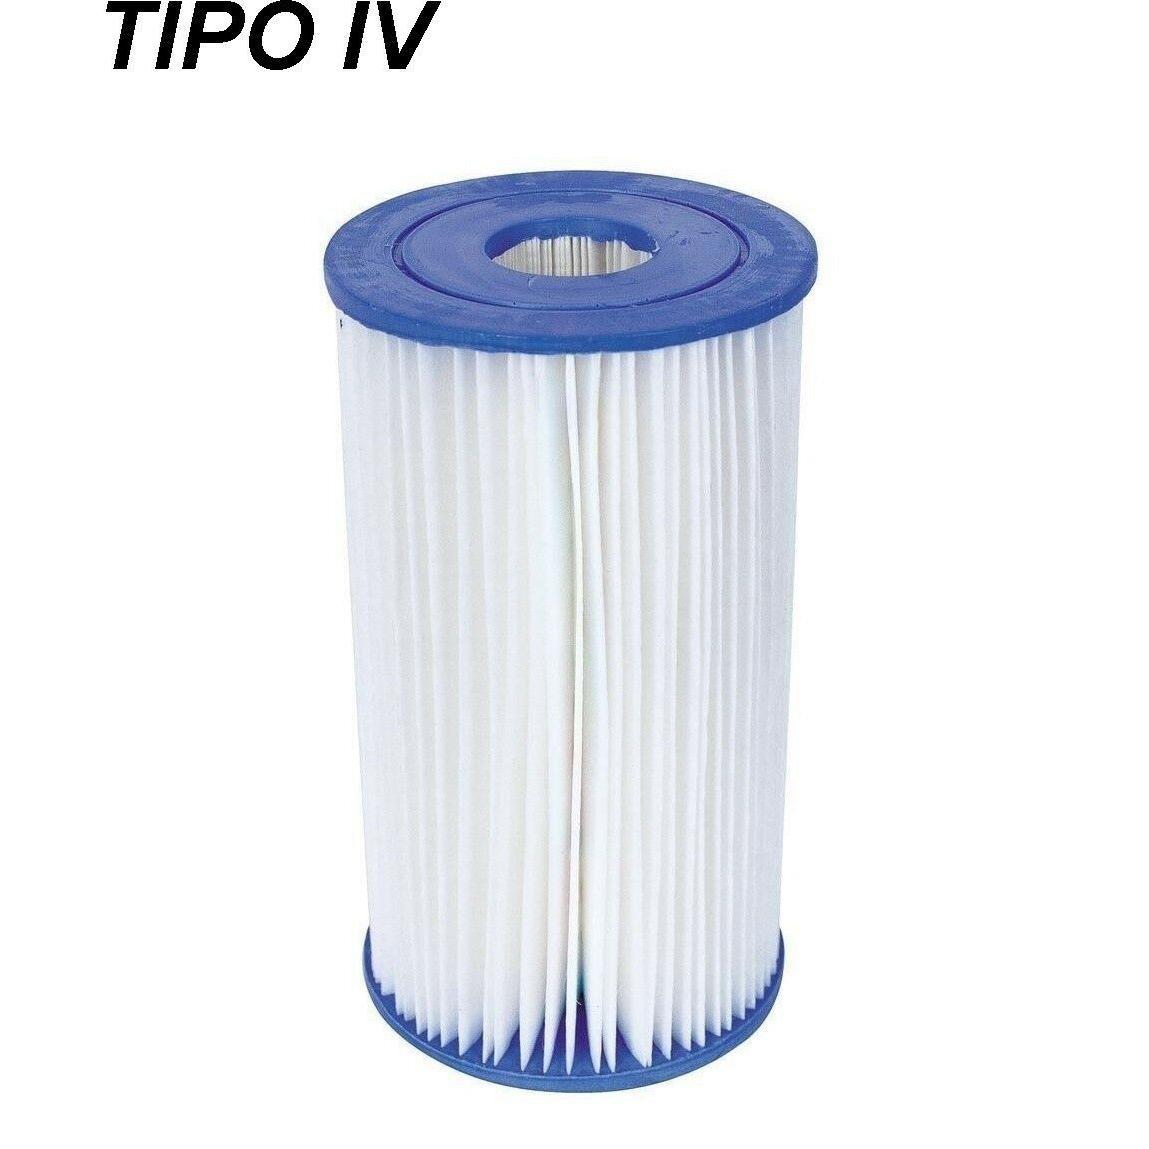 Bestway cartuccia di ricambio per pompa filtro piscina tipo iii 58012